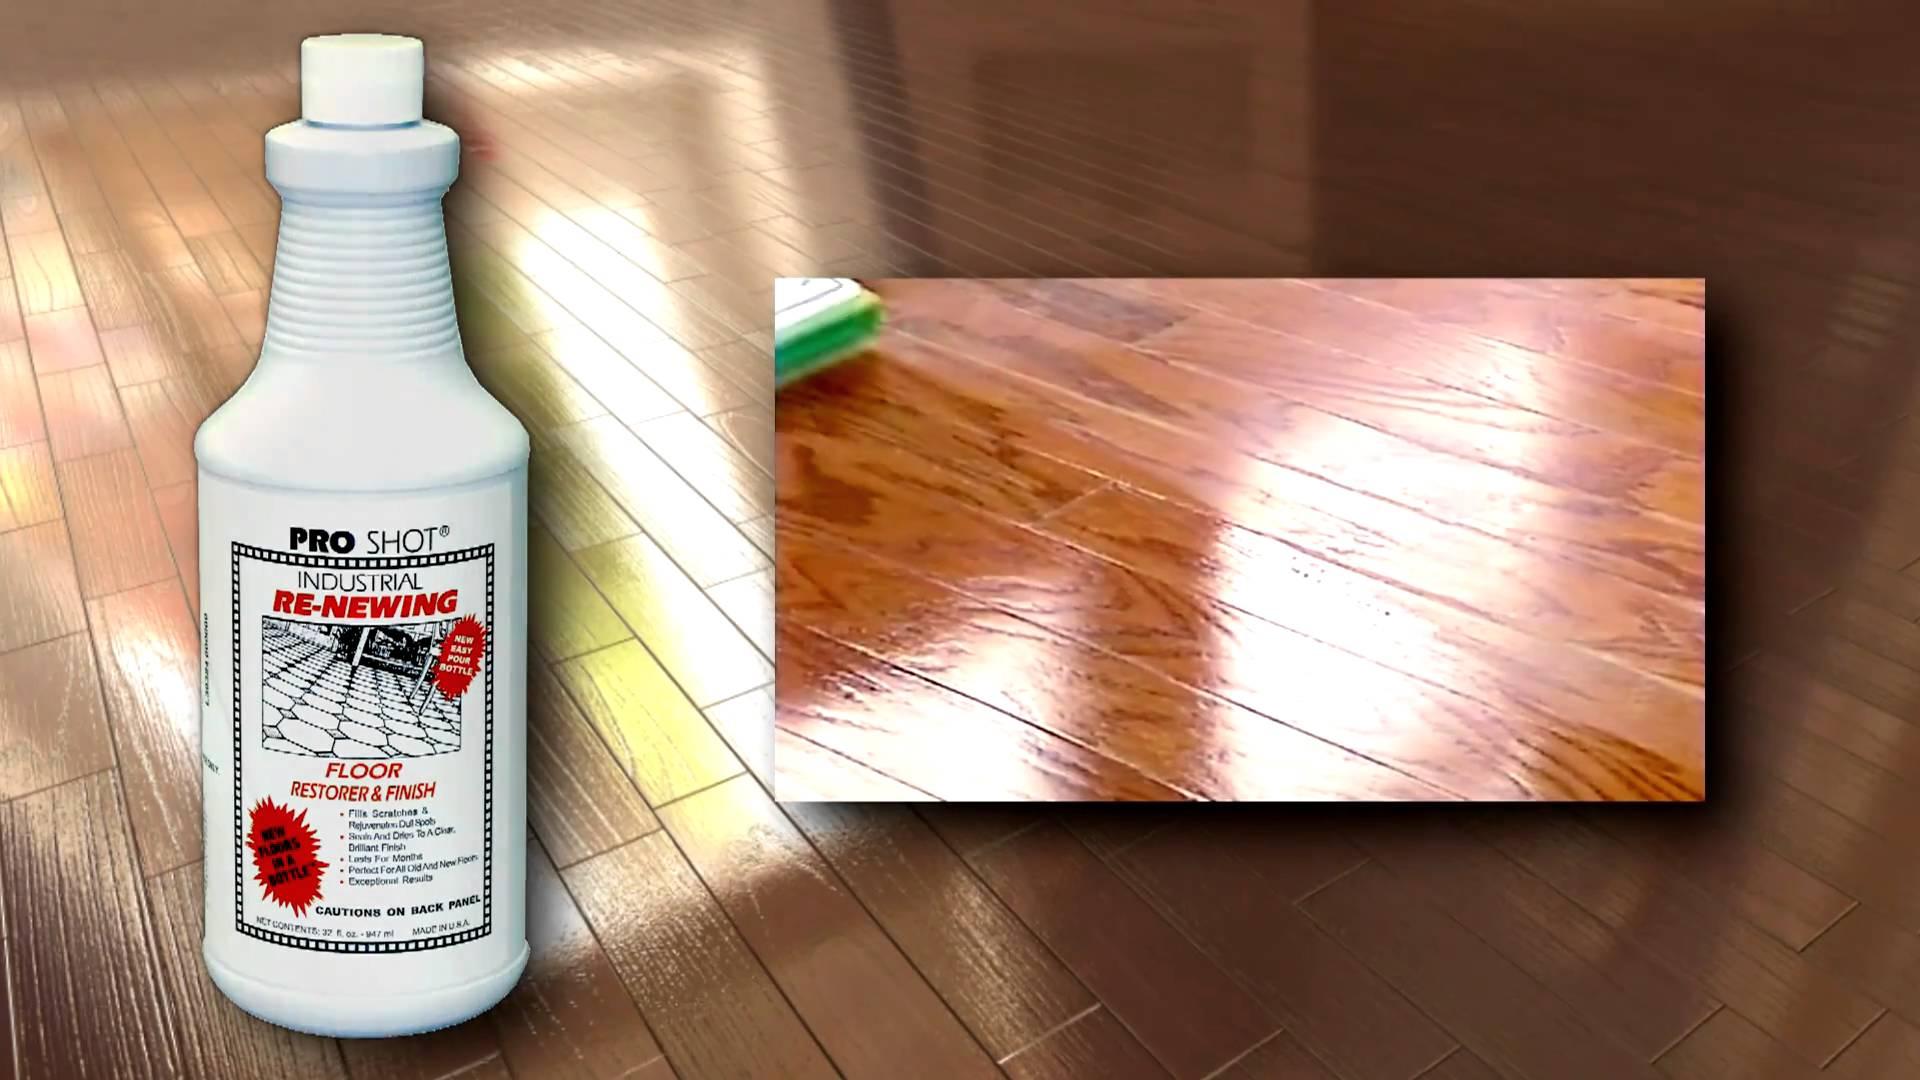 Pro Shot Industrial Re Newing Floor Restorer Woodfloordoctorcom